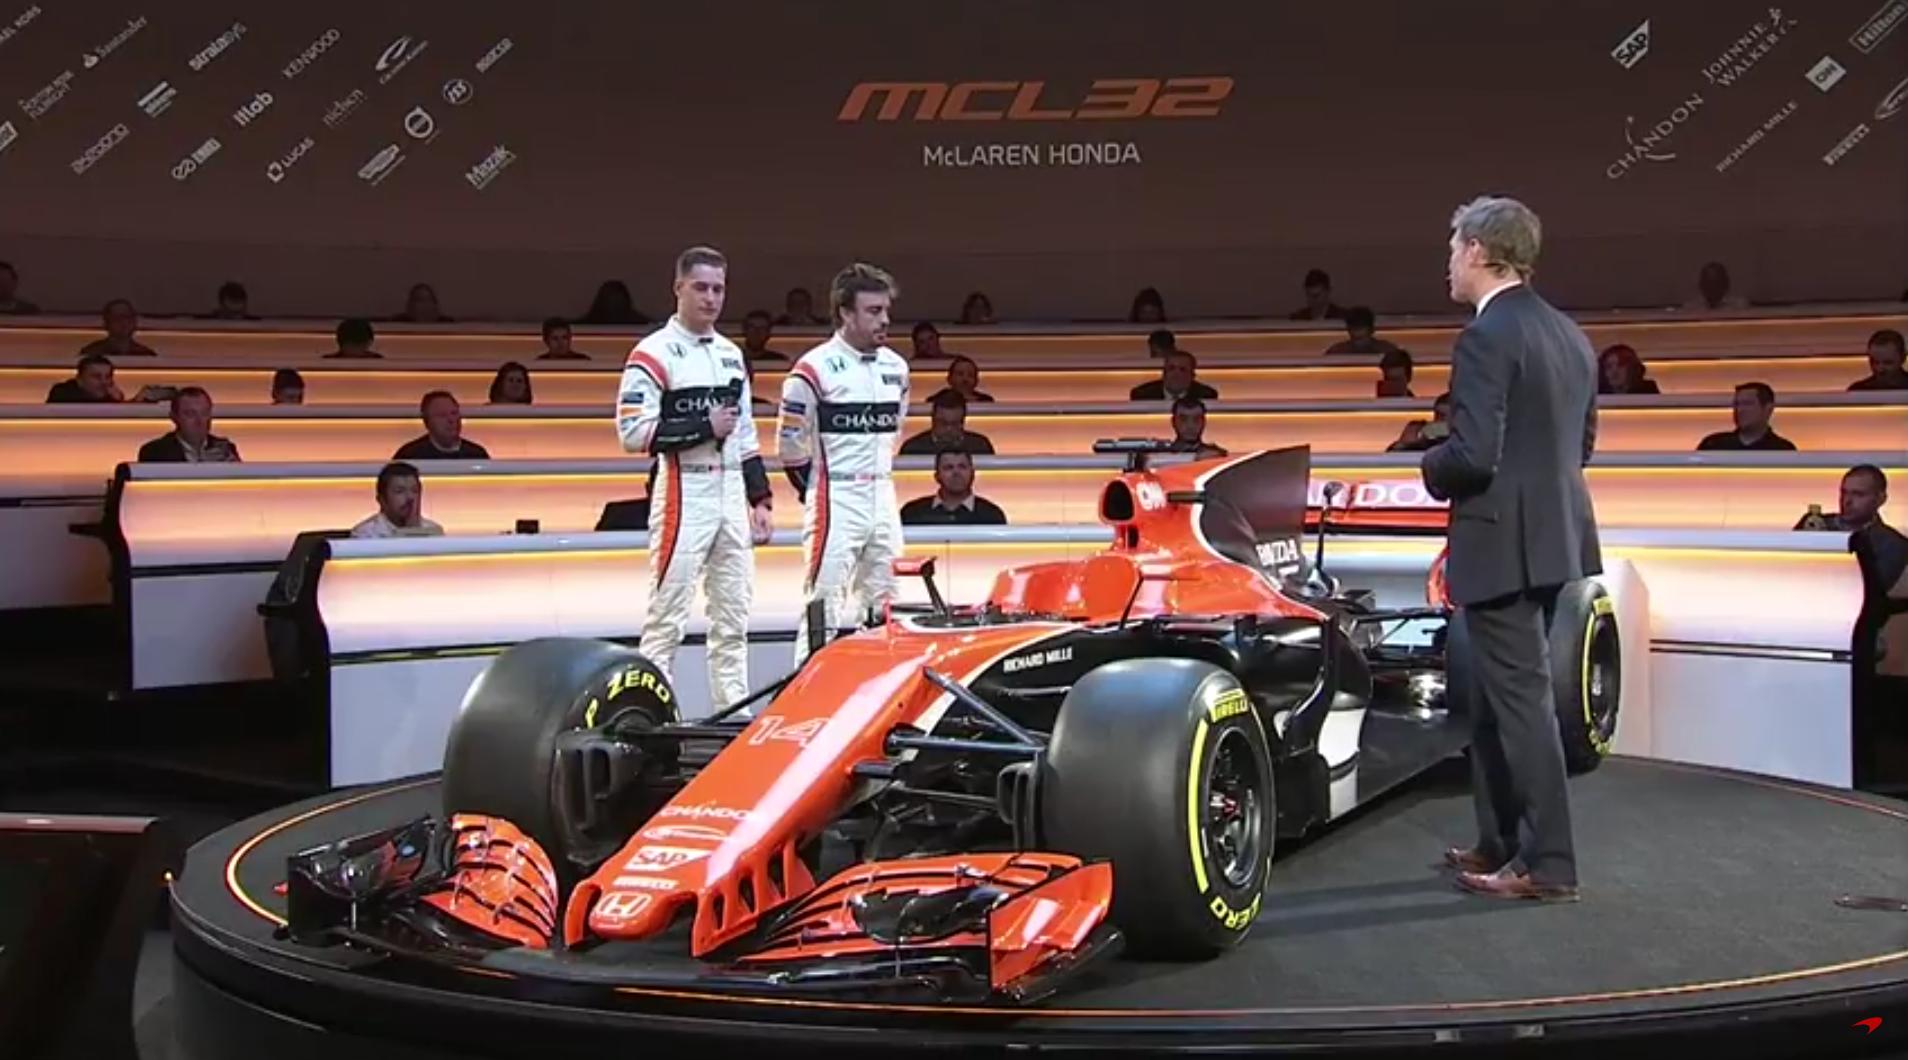 マクラーレンがF1レーシングカーのパーツ作りにストラタシスの3Dプリンターを使用